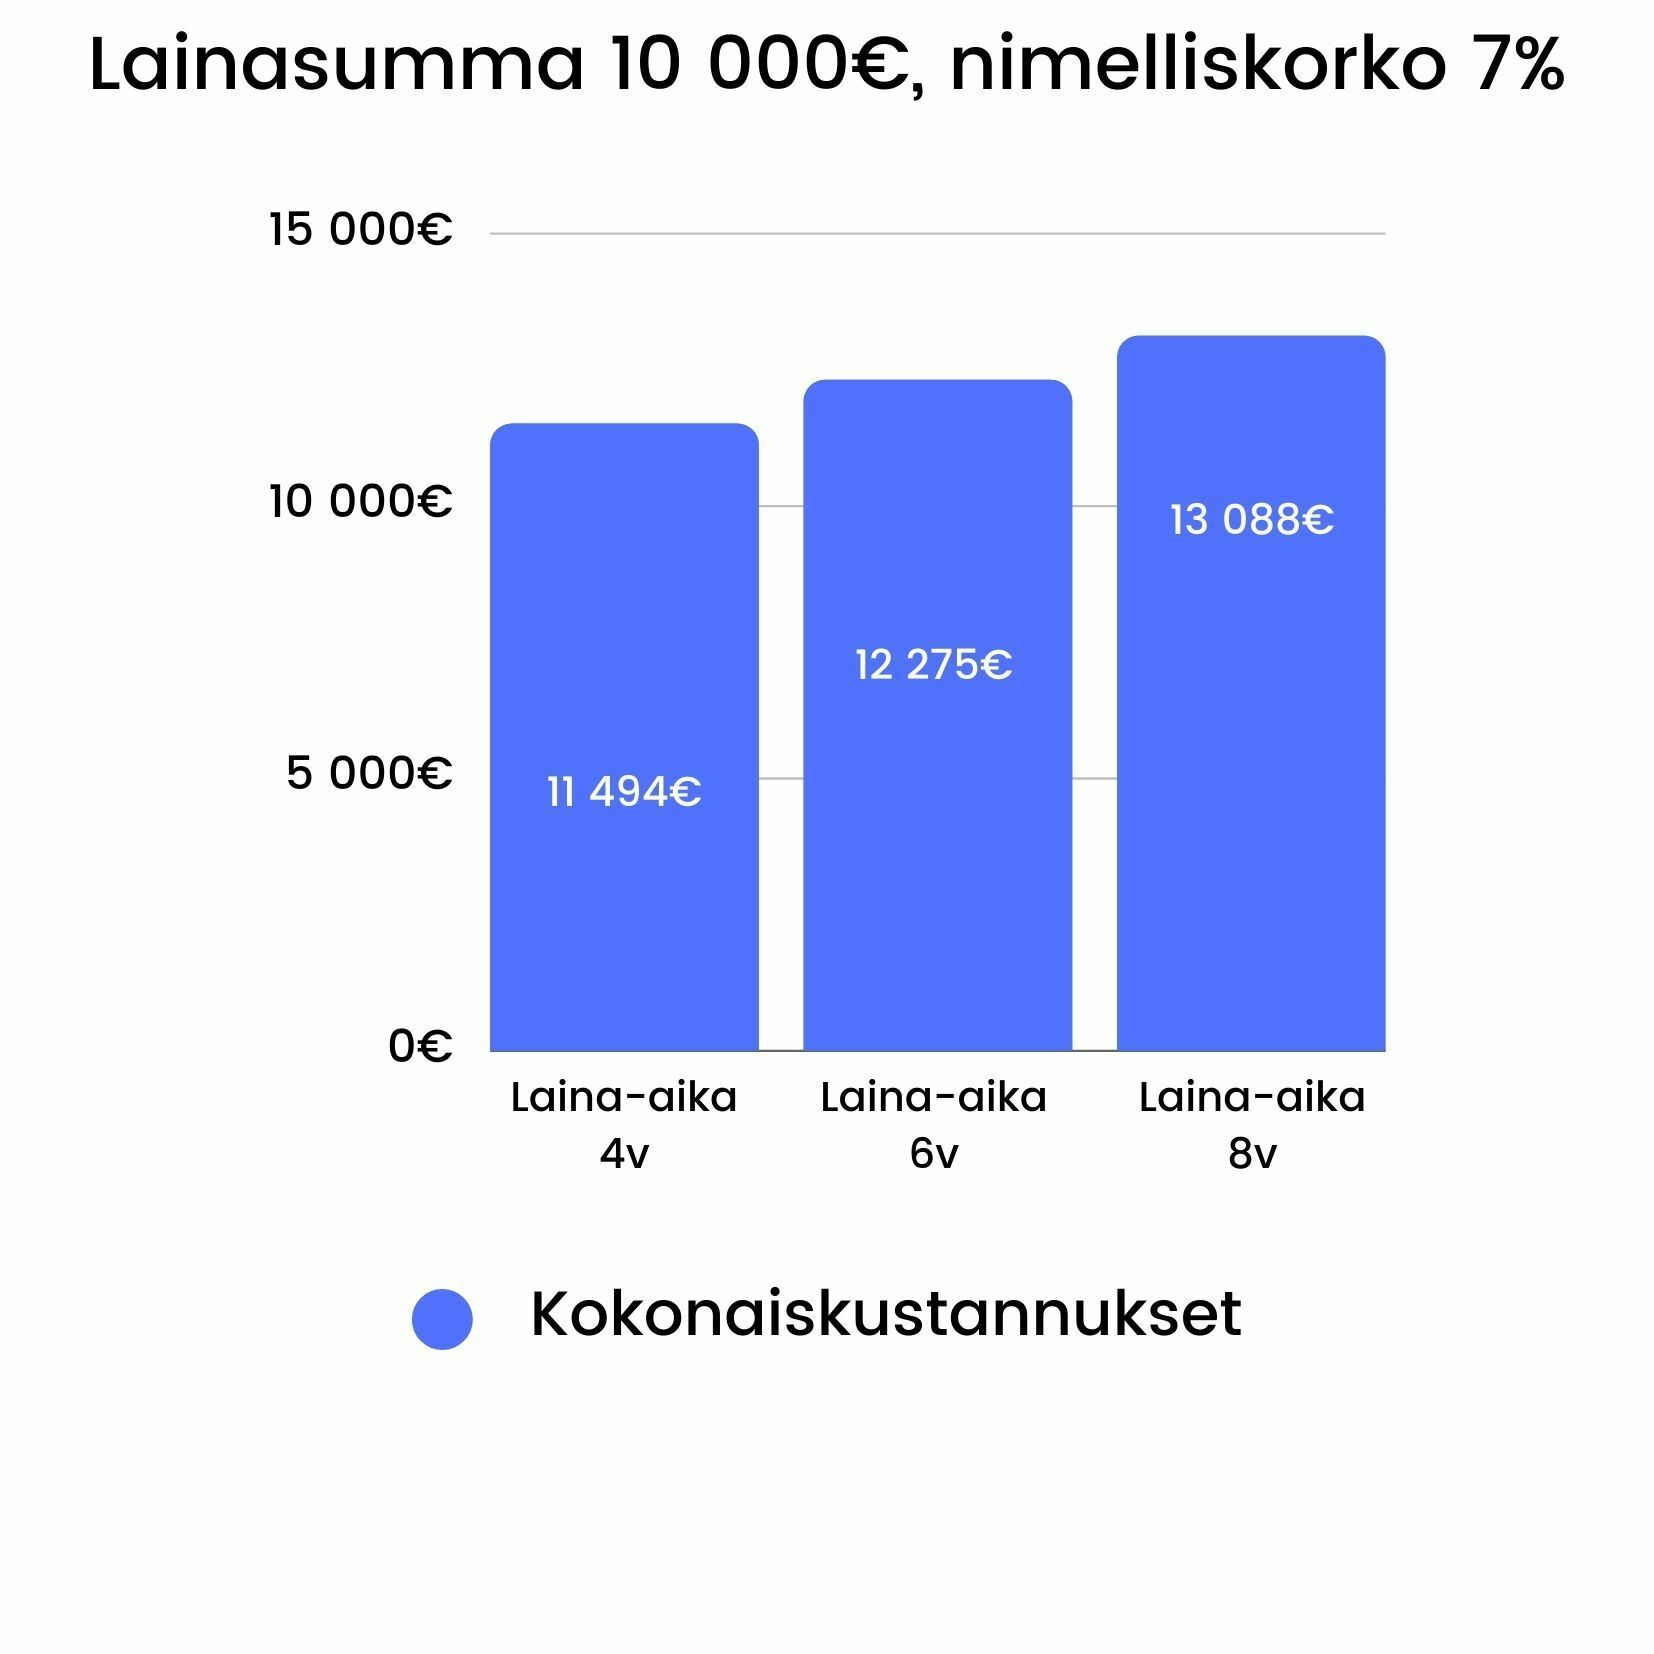 Laina-ajan vaikutus lainan kokonaiskustannuksiin